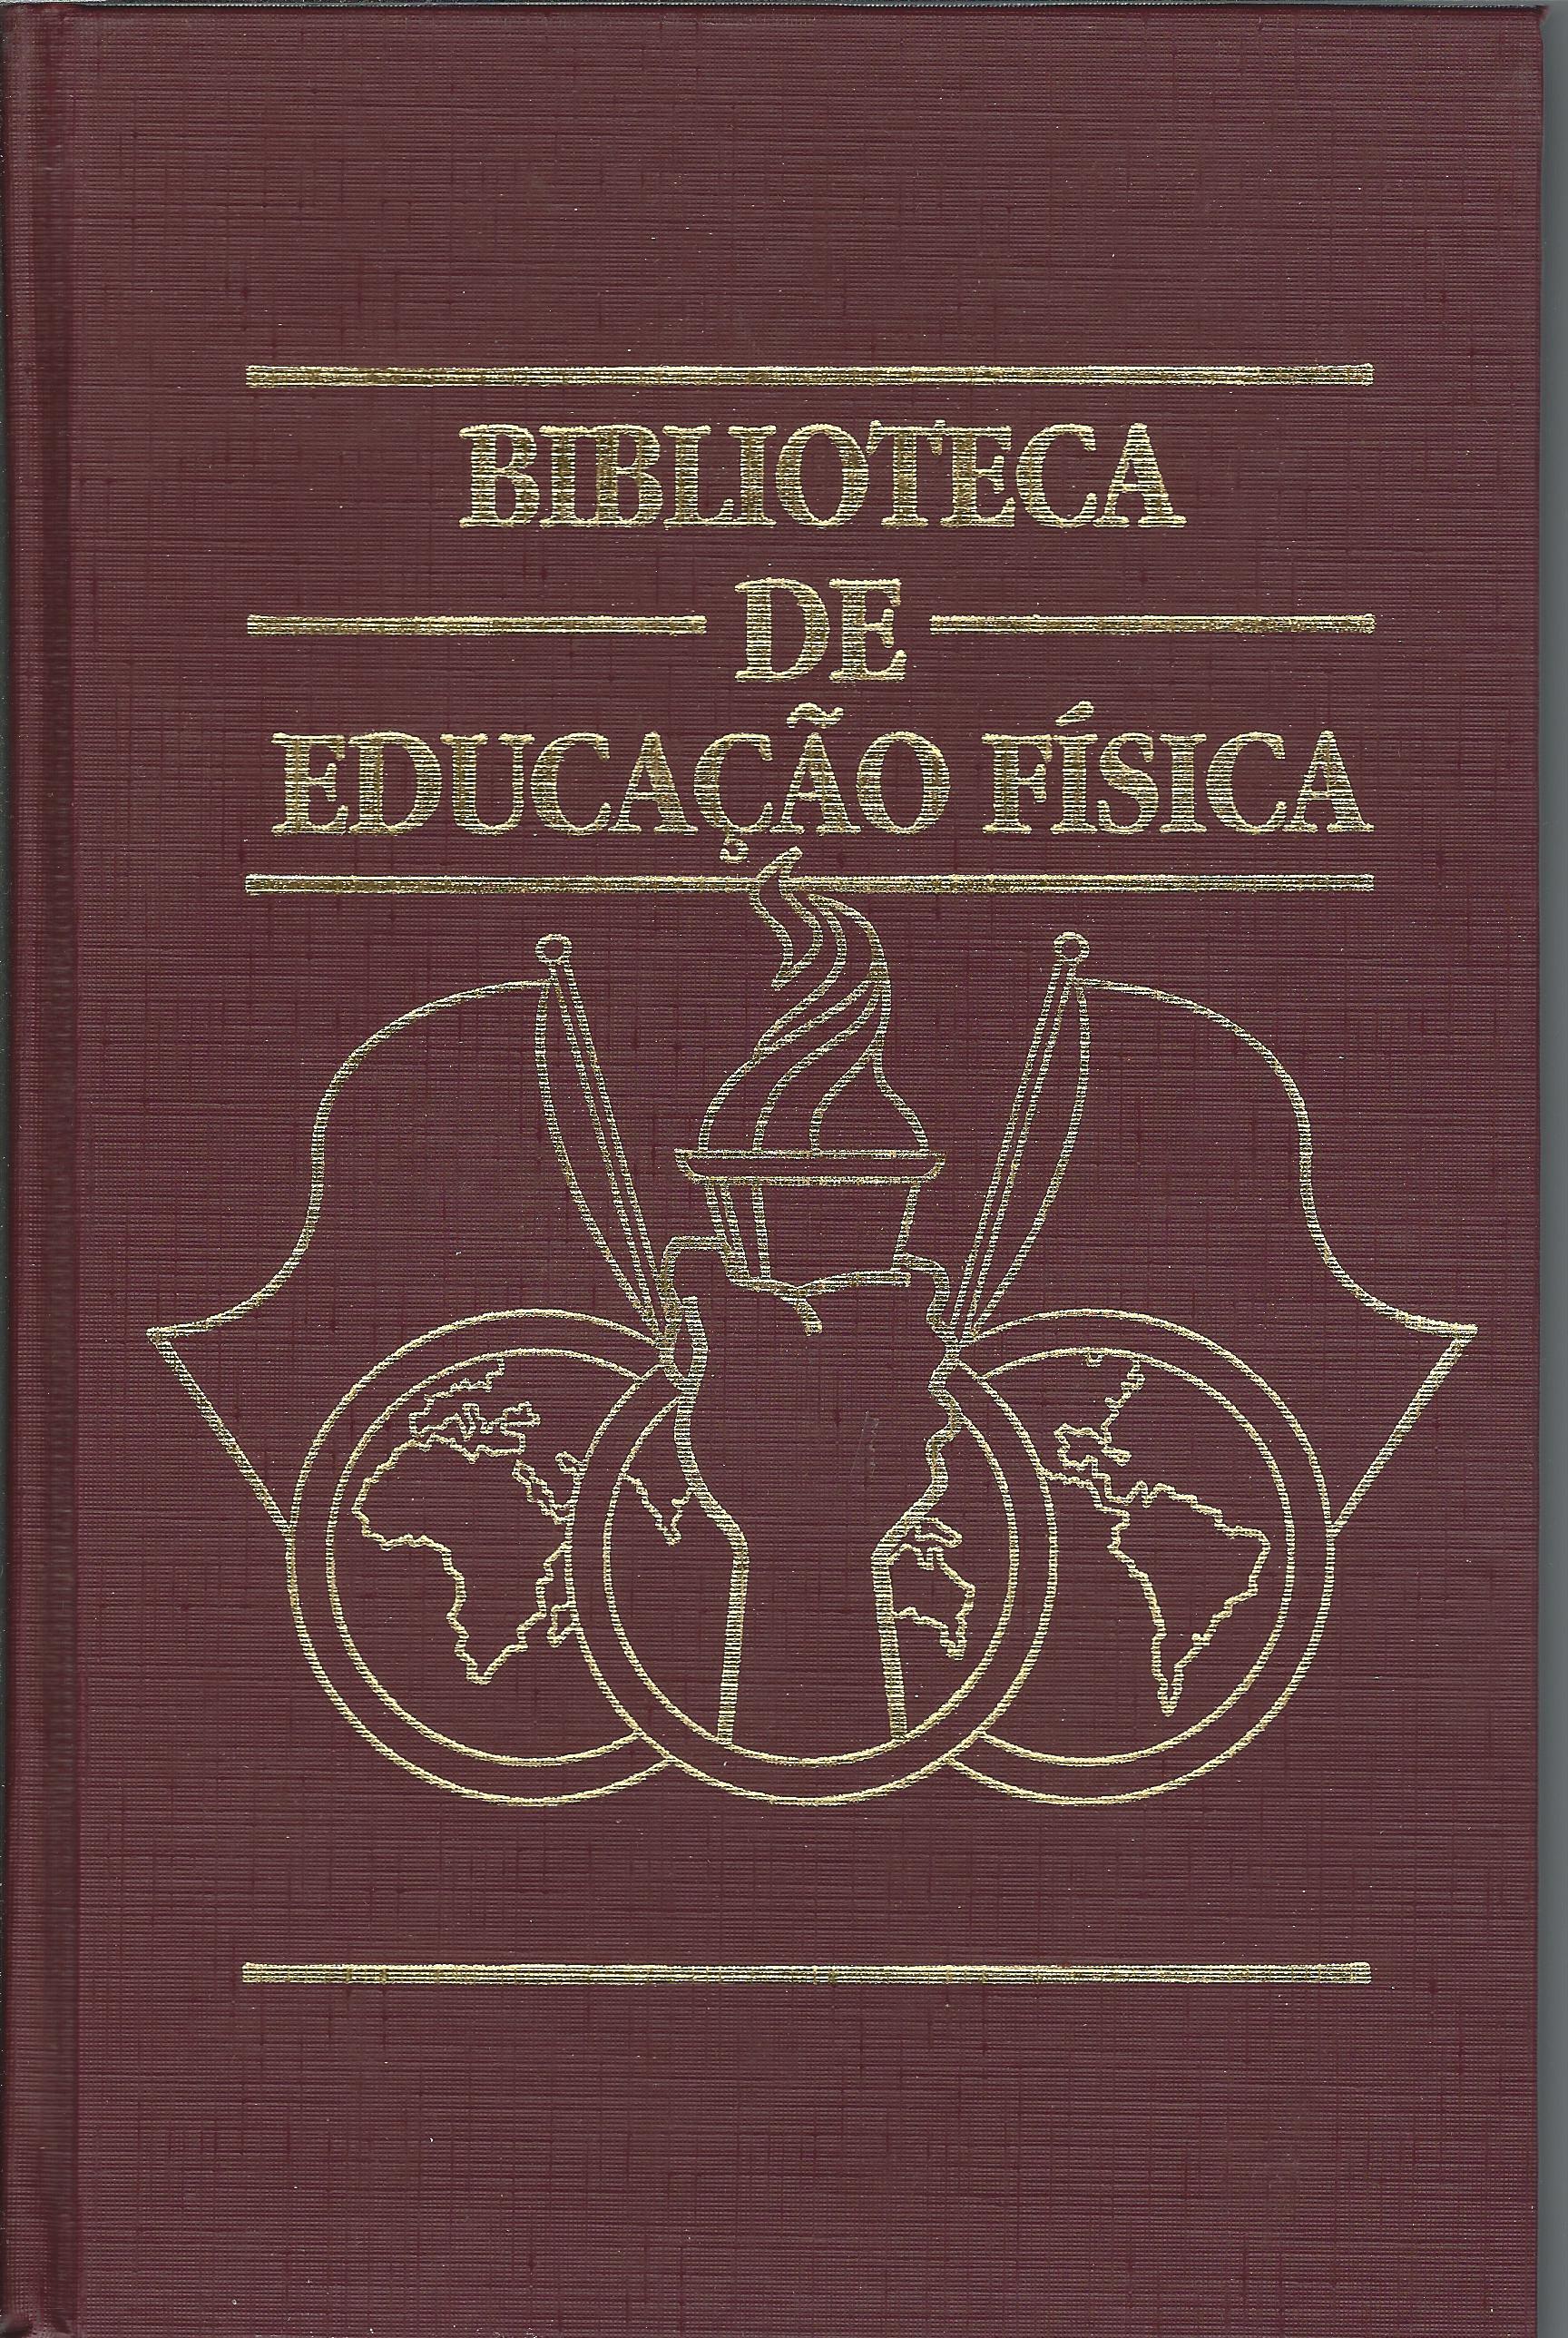 Capa do livro Biblioteca de Educação Física, Manoel José Gomes Tubino